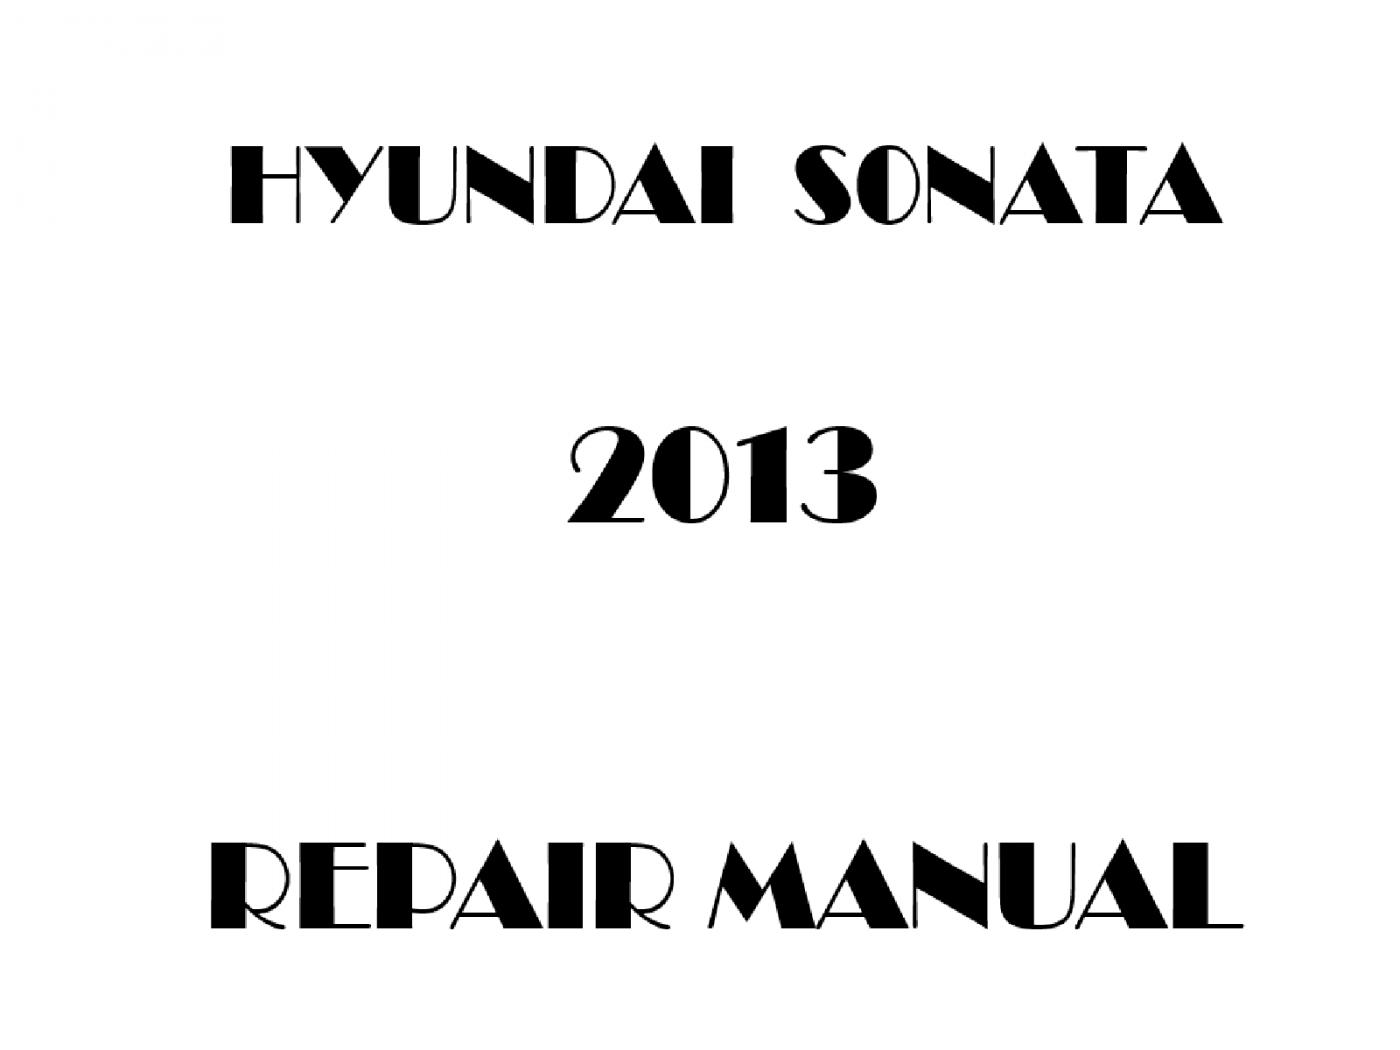 2013 Hyundai Sonata repair manual